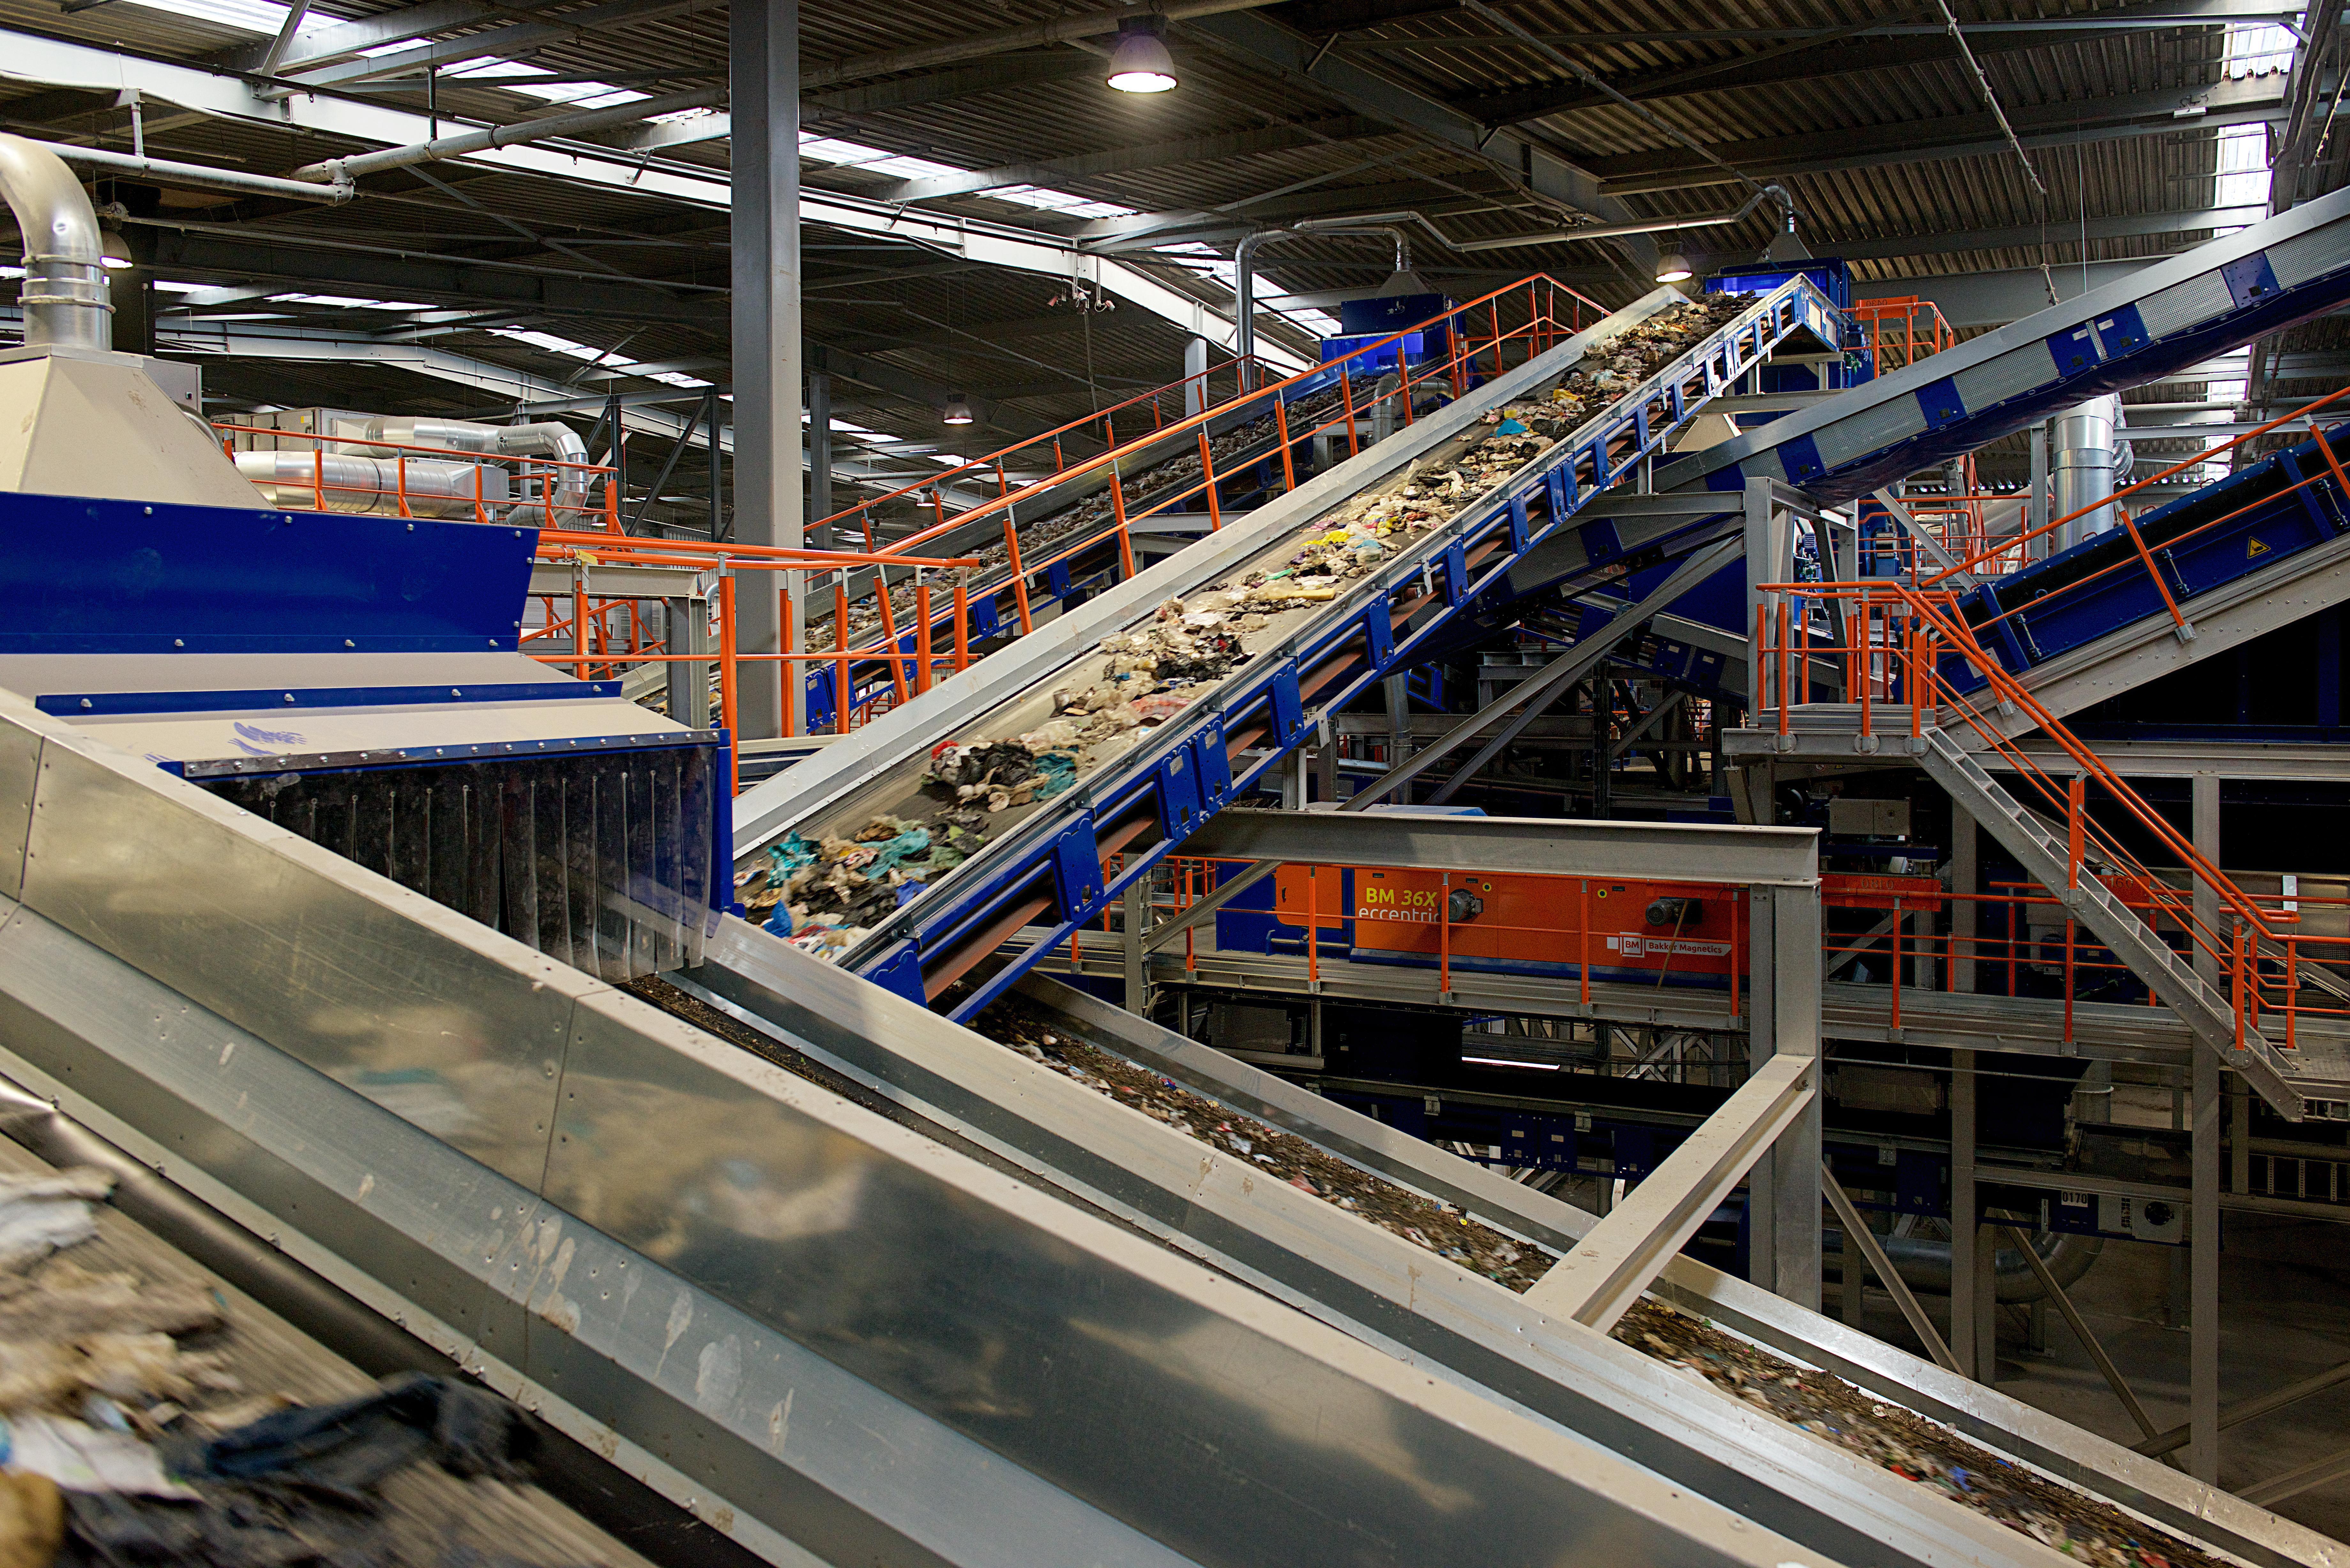 Volgens recyclaar GP Goot helpt afval scheiden thuis wel degelijk. ,,Scheiding wordt zelfs steeds belangrijker''